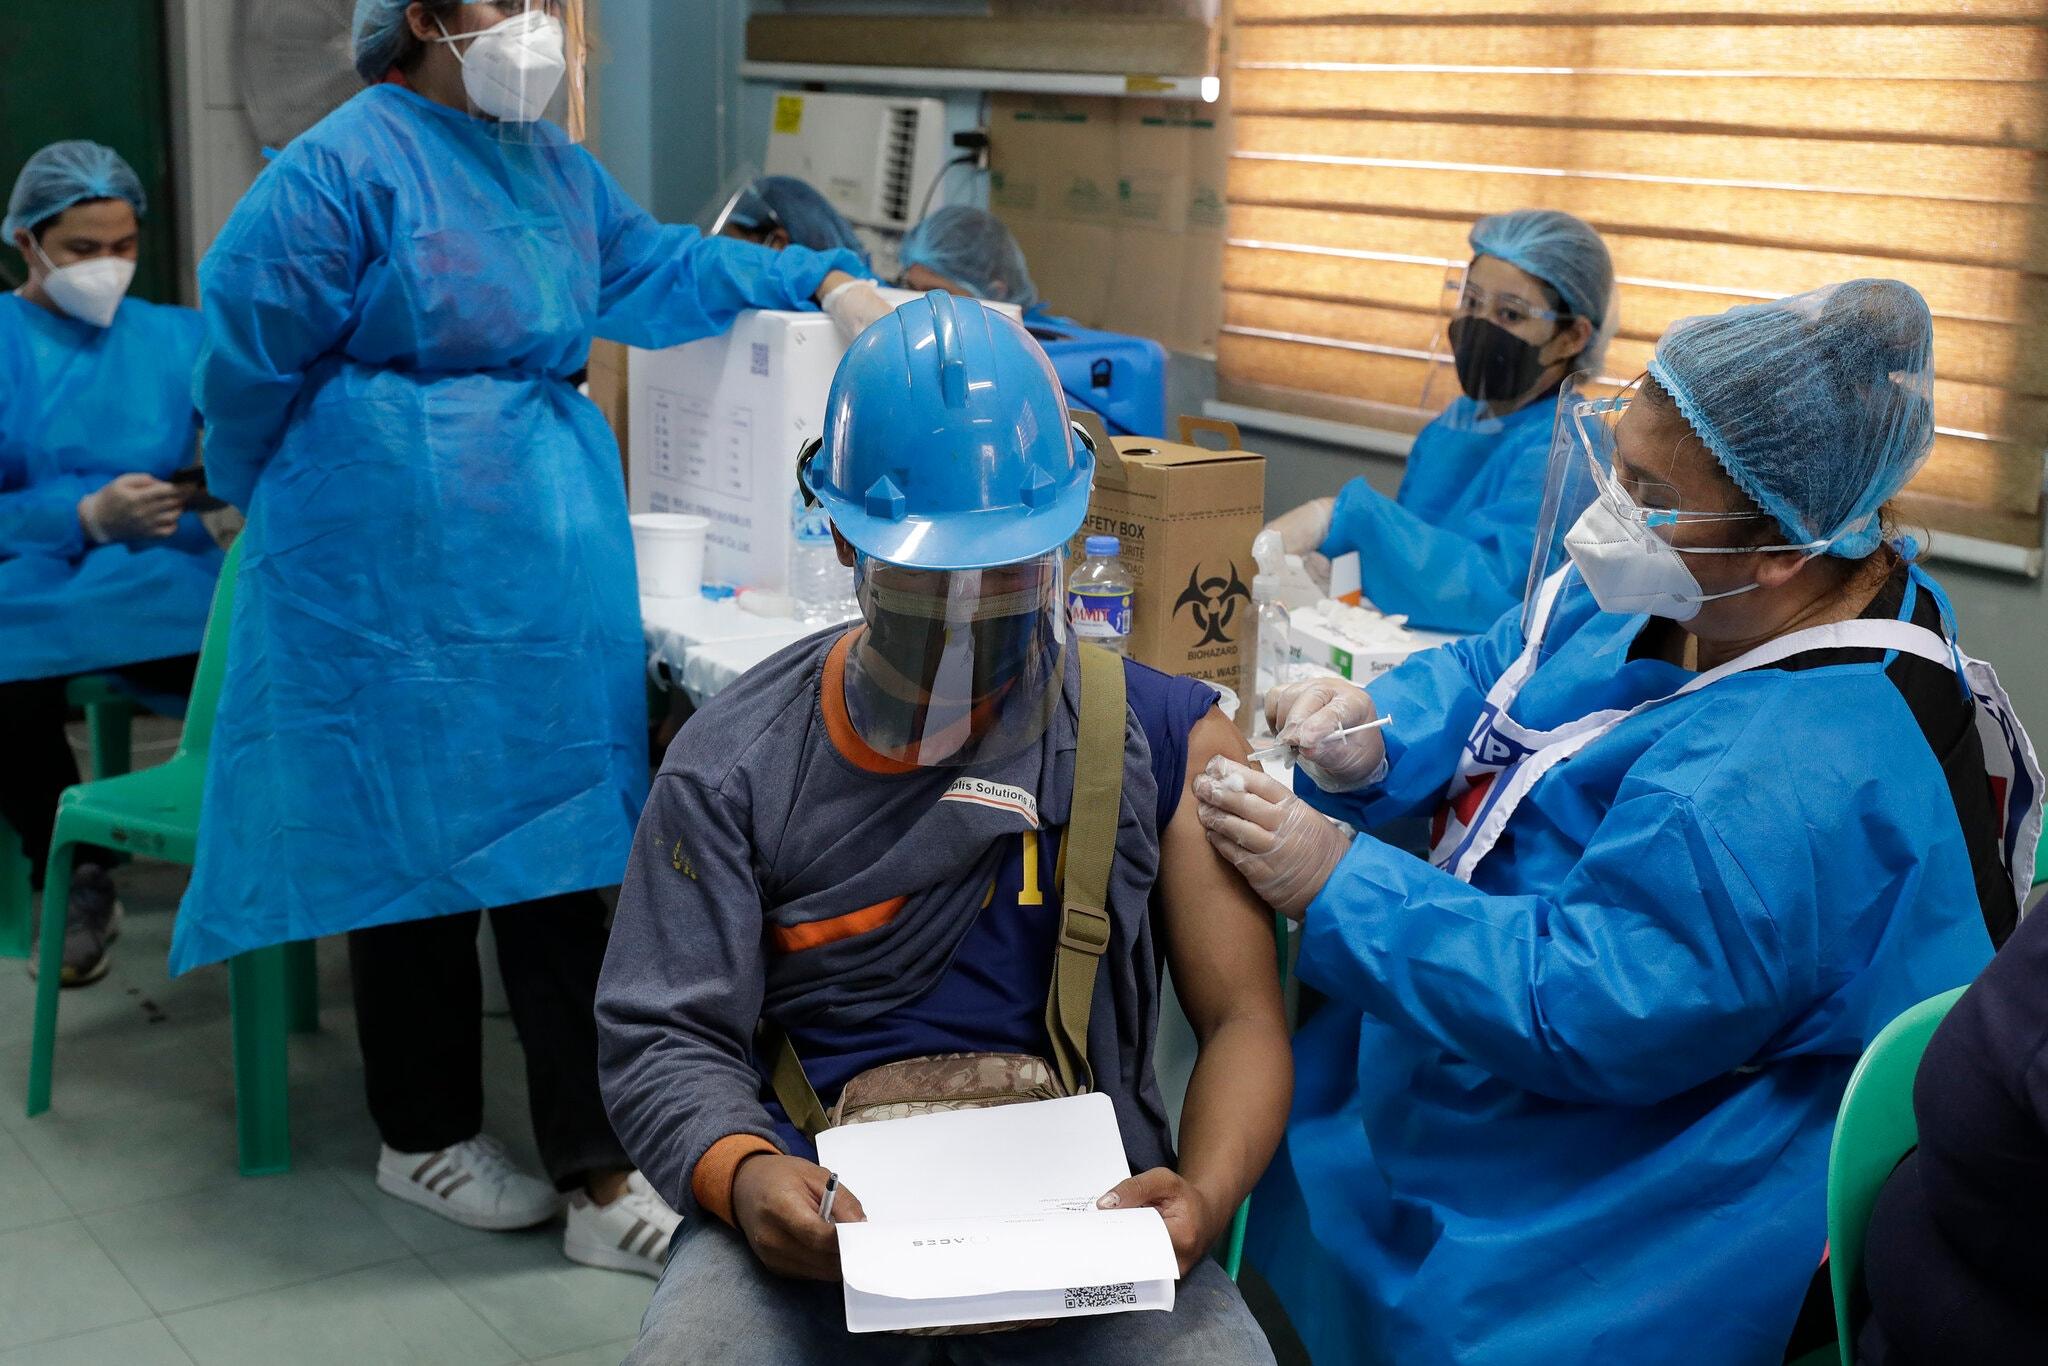 Công nhân tại cảng cá Navotas, Philippines, được tiêm vaccine Covid-19, ngày 7/6. Ảnh: AP.